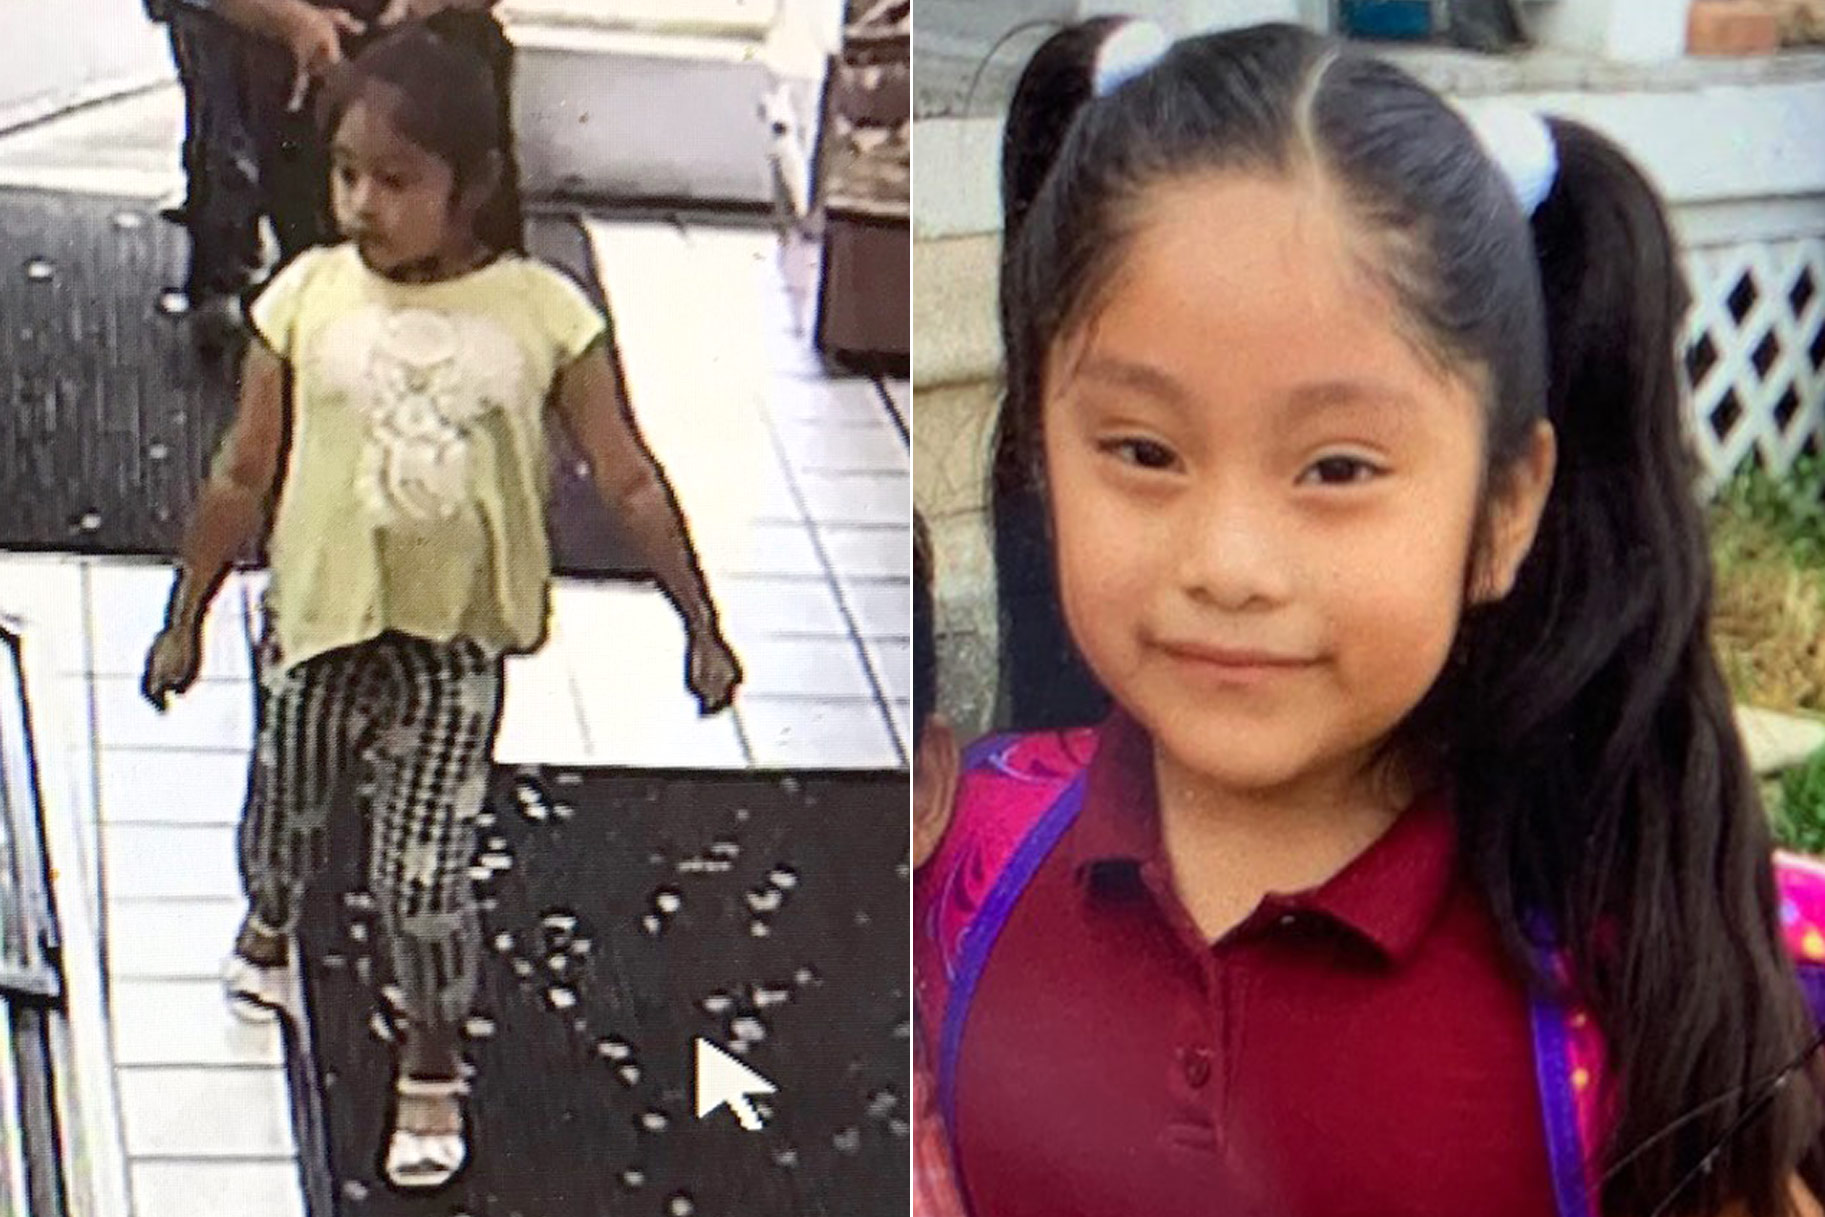 'Por favor, no te rindas con mi Dulce', suplica la madre de la niña desaparecida mientras se revelan nuevos detalles sobre su desaparición